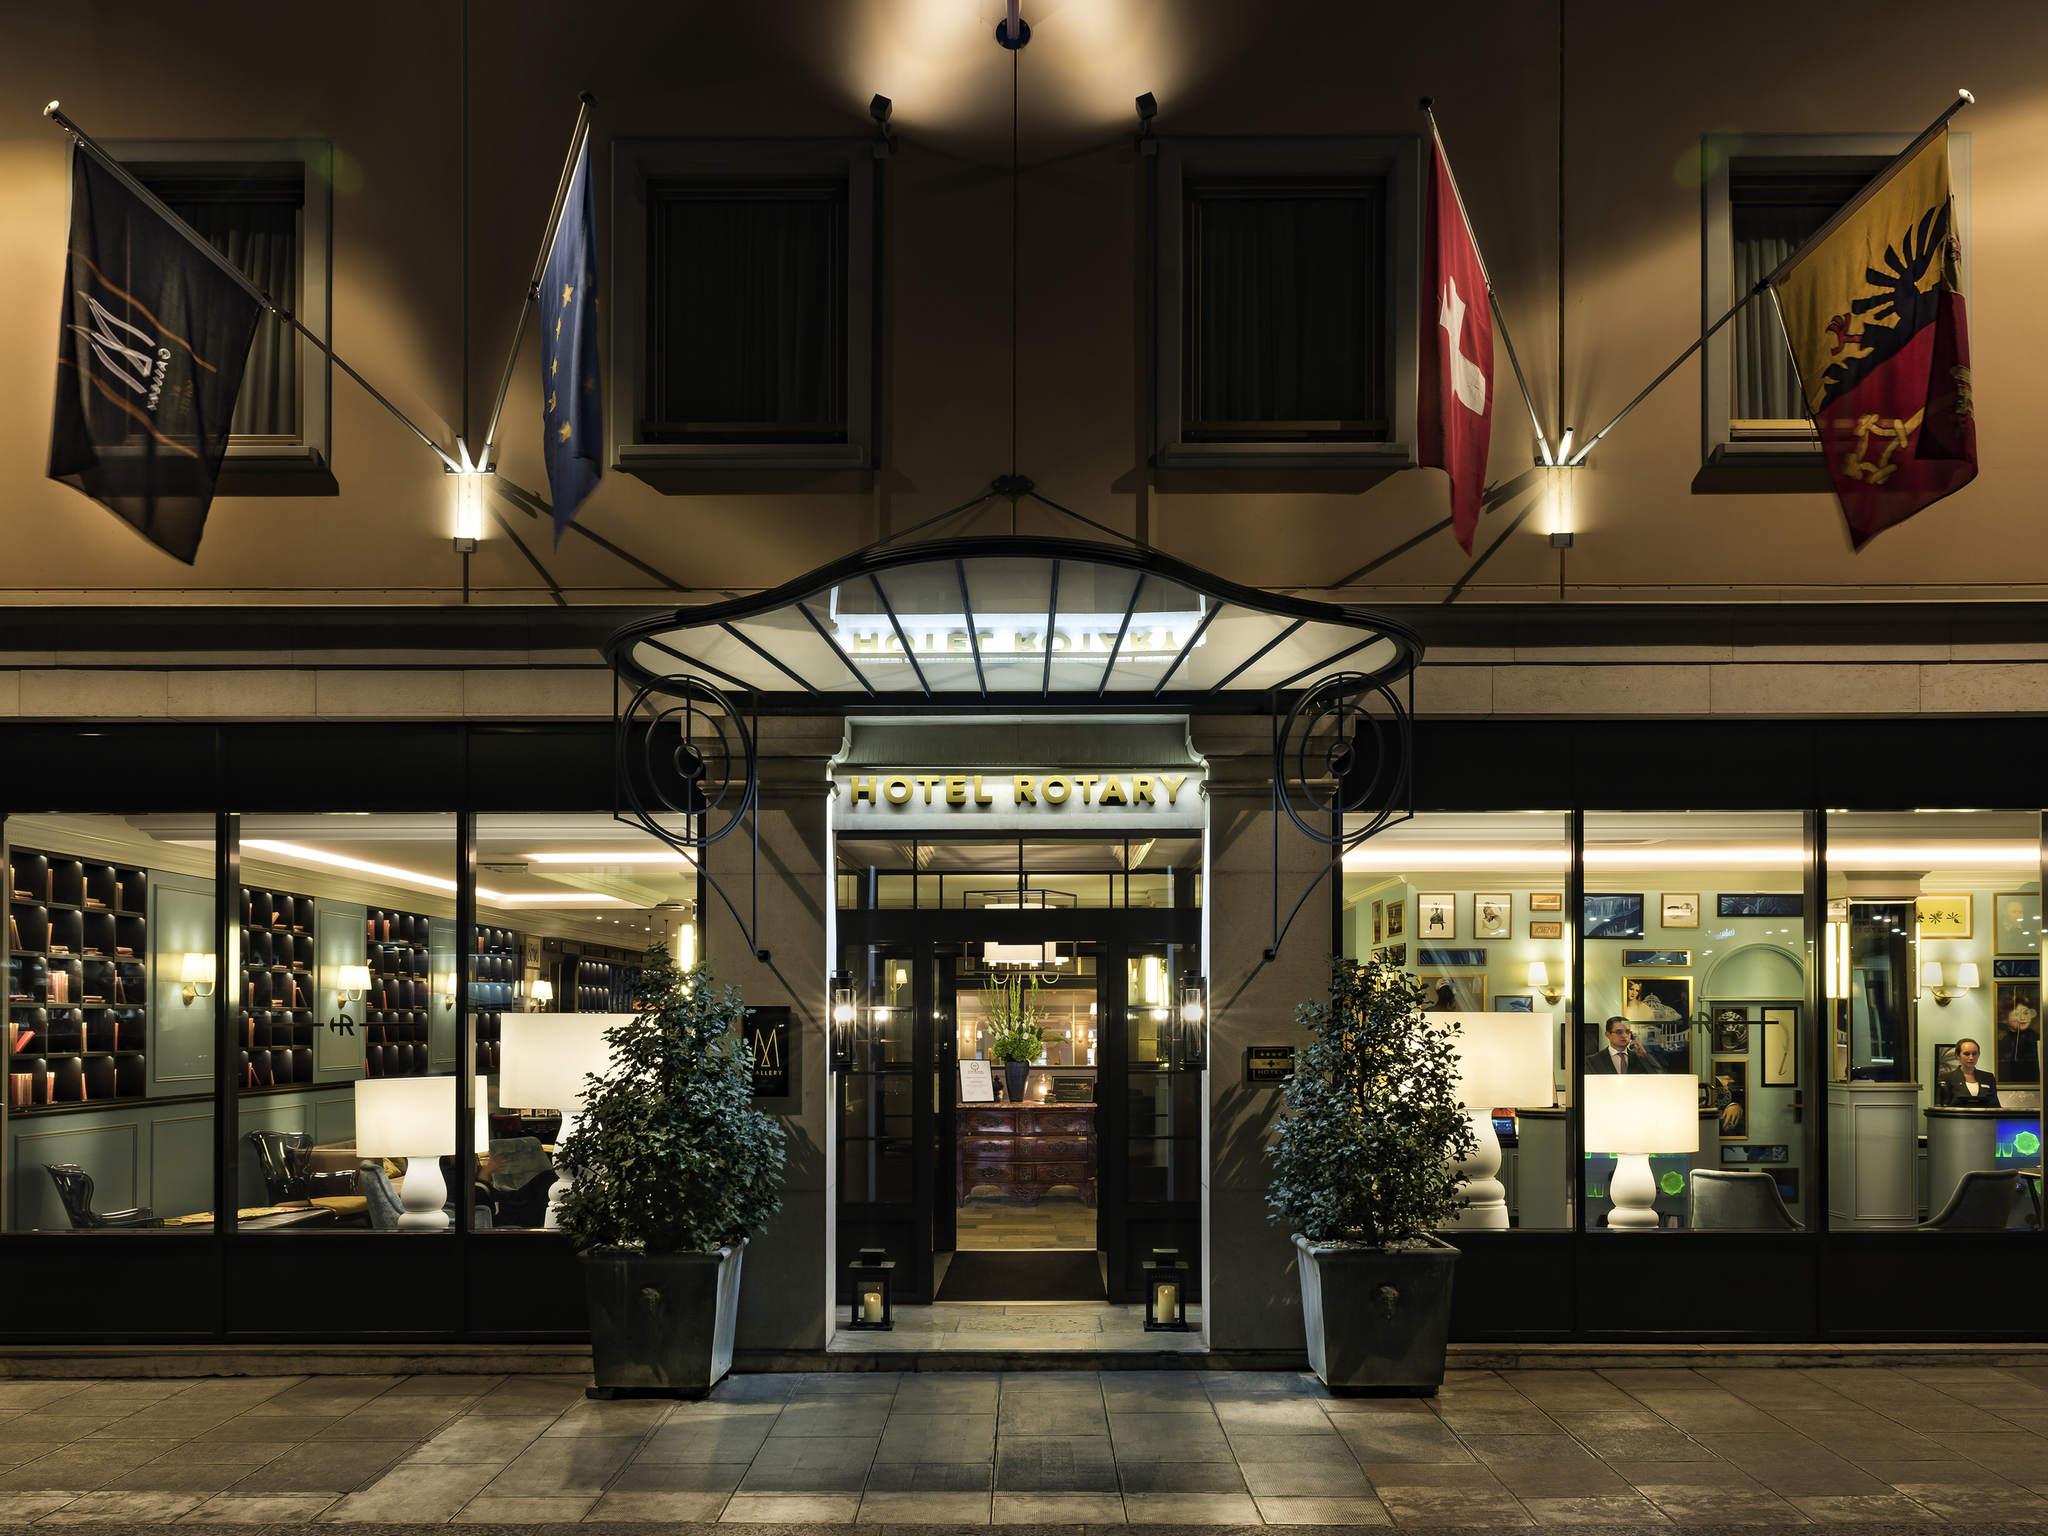 酒店 – 美憬阁索菲特日内瓦扶轮酒店